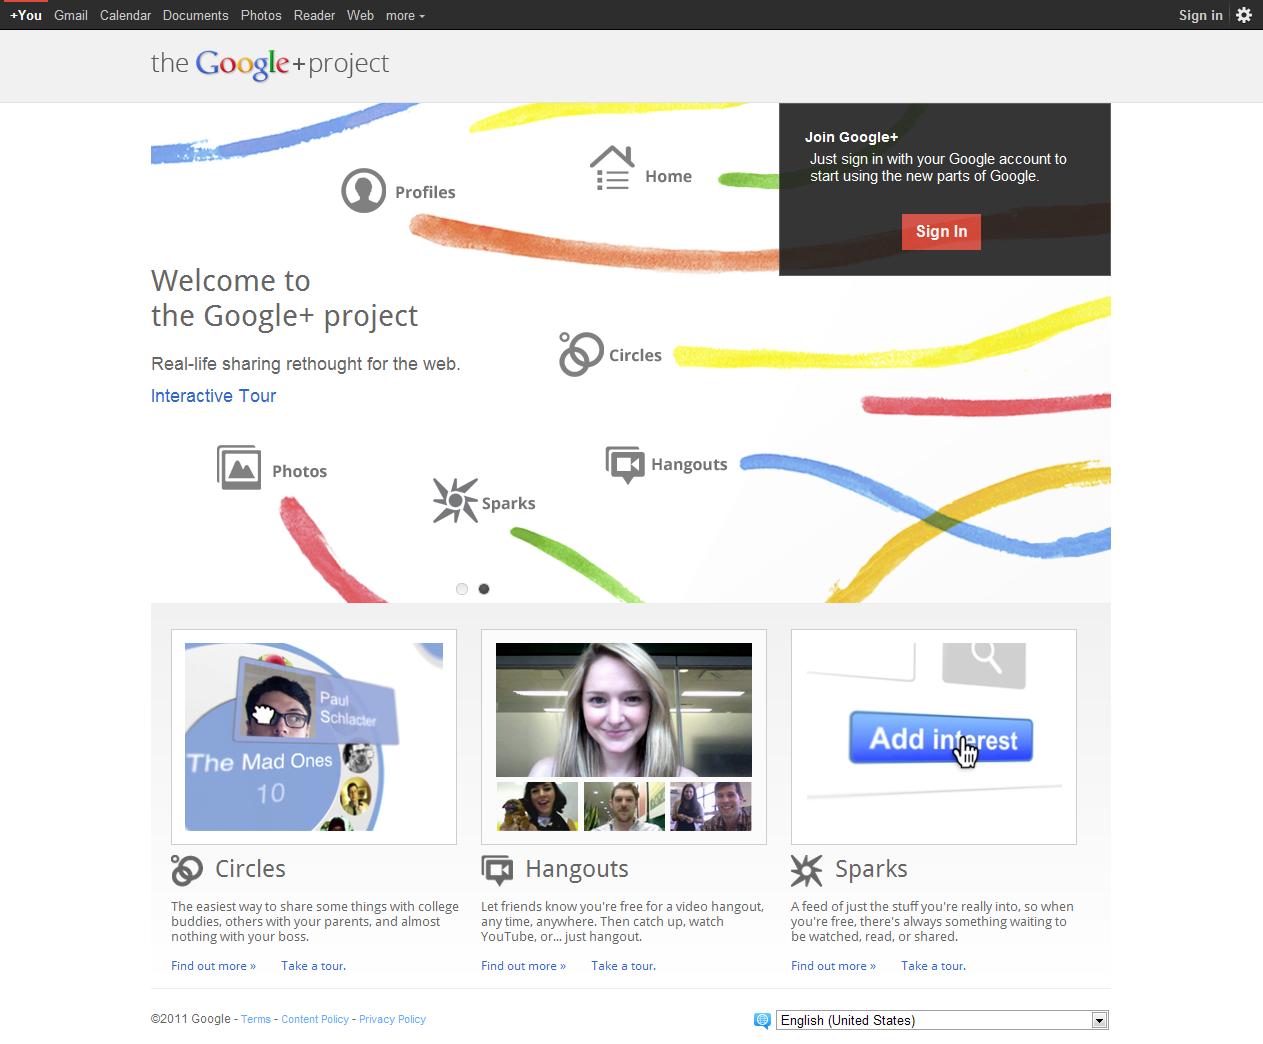 구글 플러스 간단한 소감 및 초대장 배포